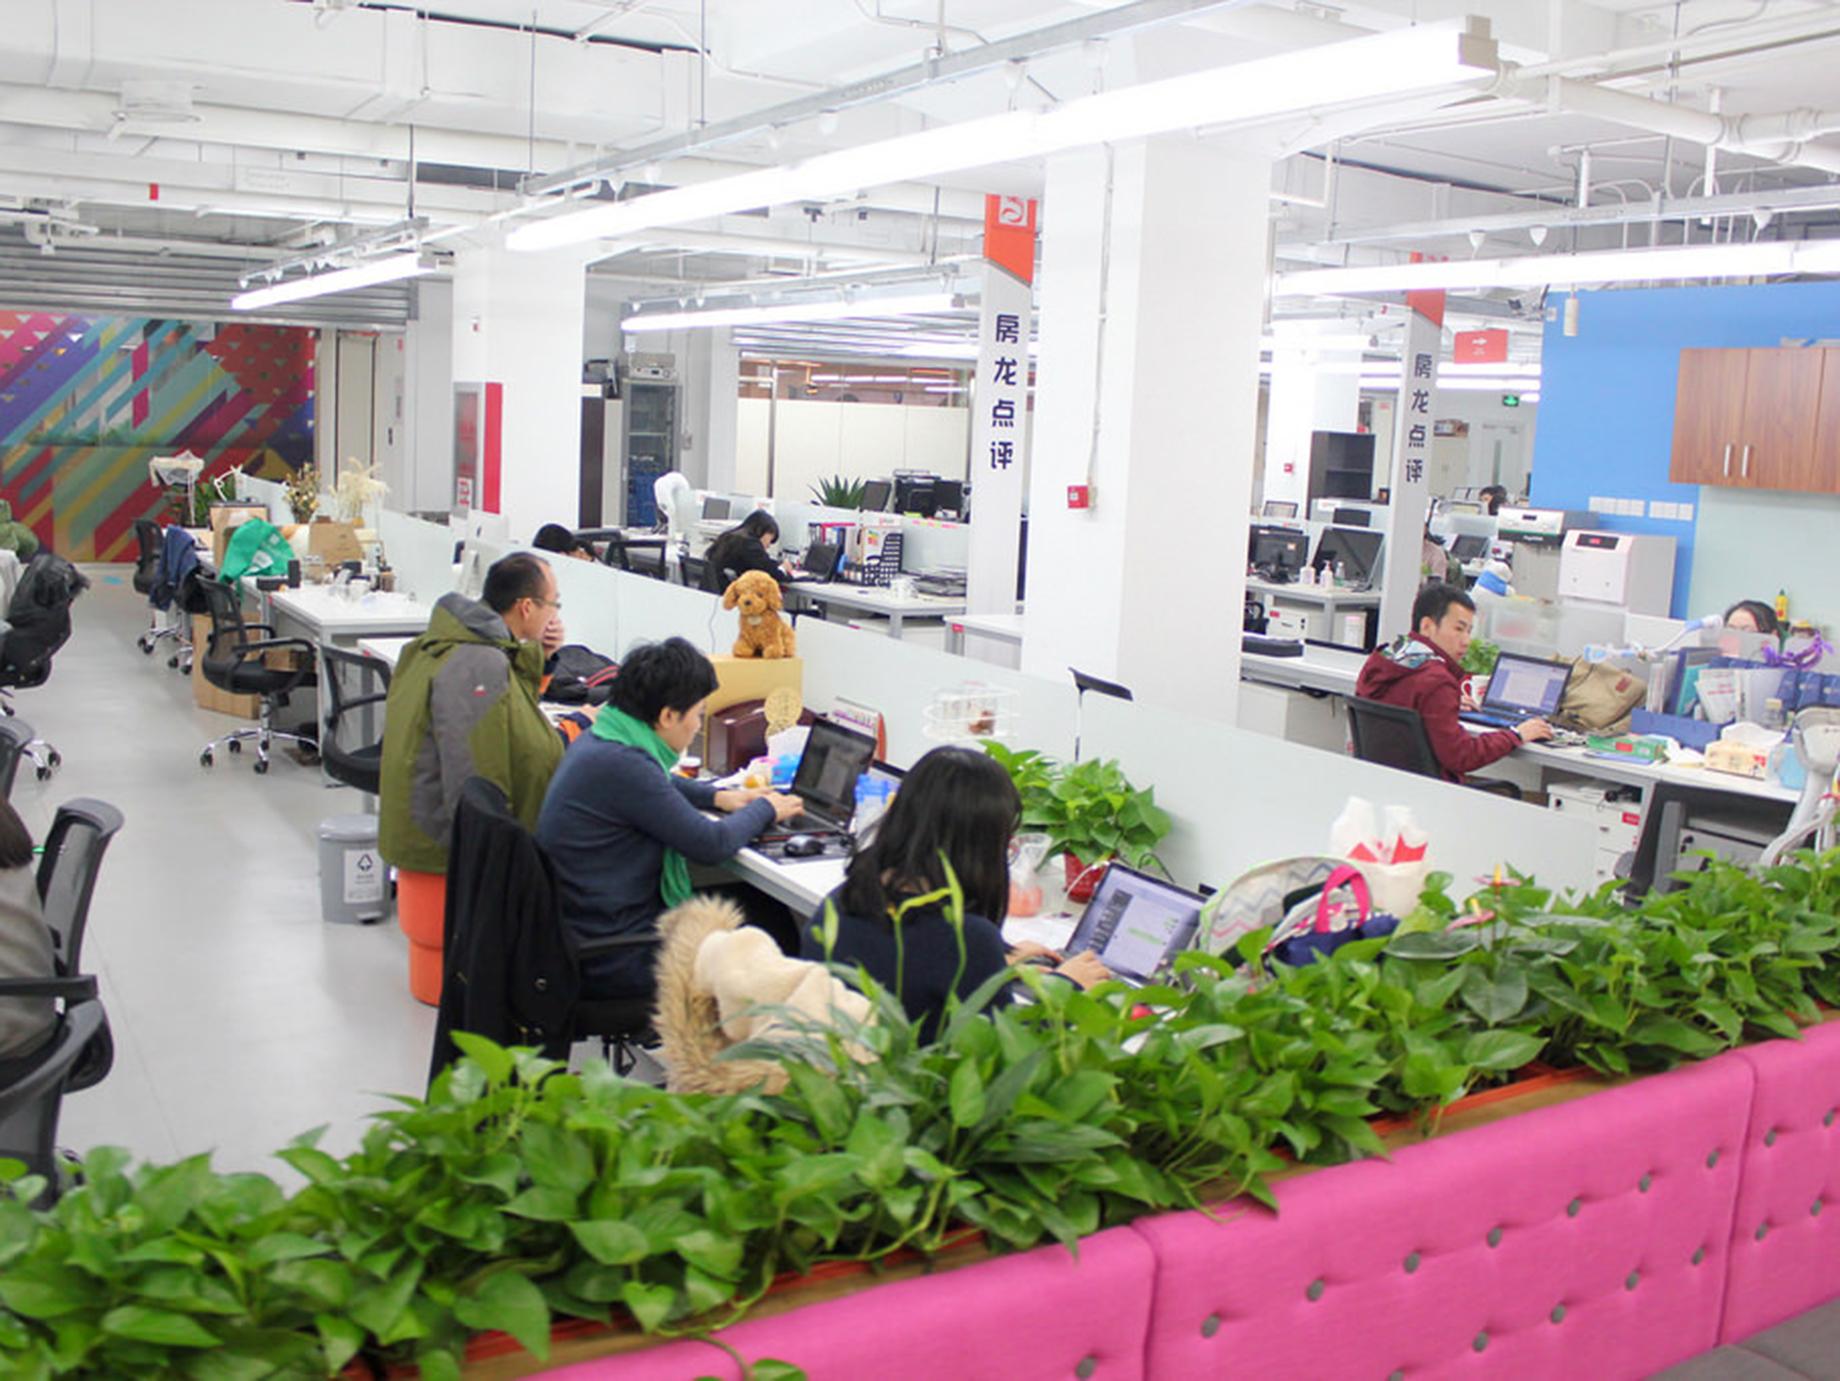 共享辦公室出租夯!鼻祖WeWork vs.後進者「優客工場」,從中國打到東南亞